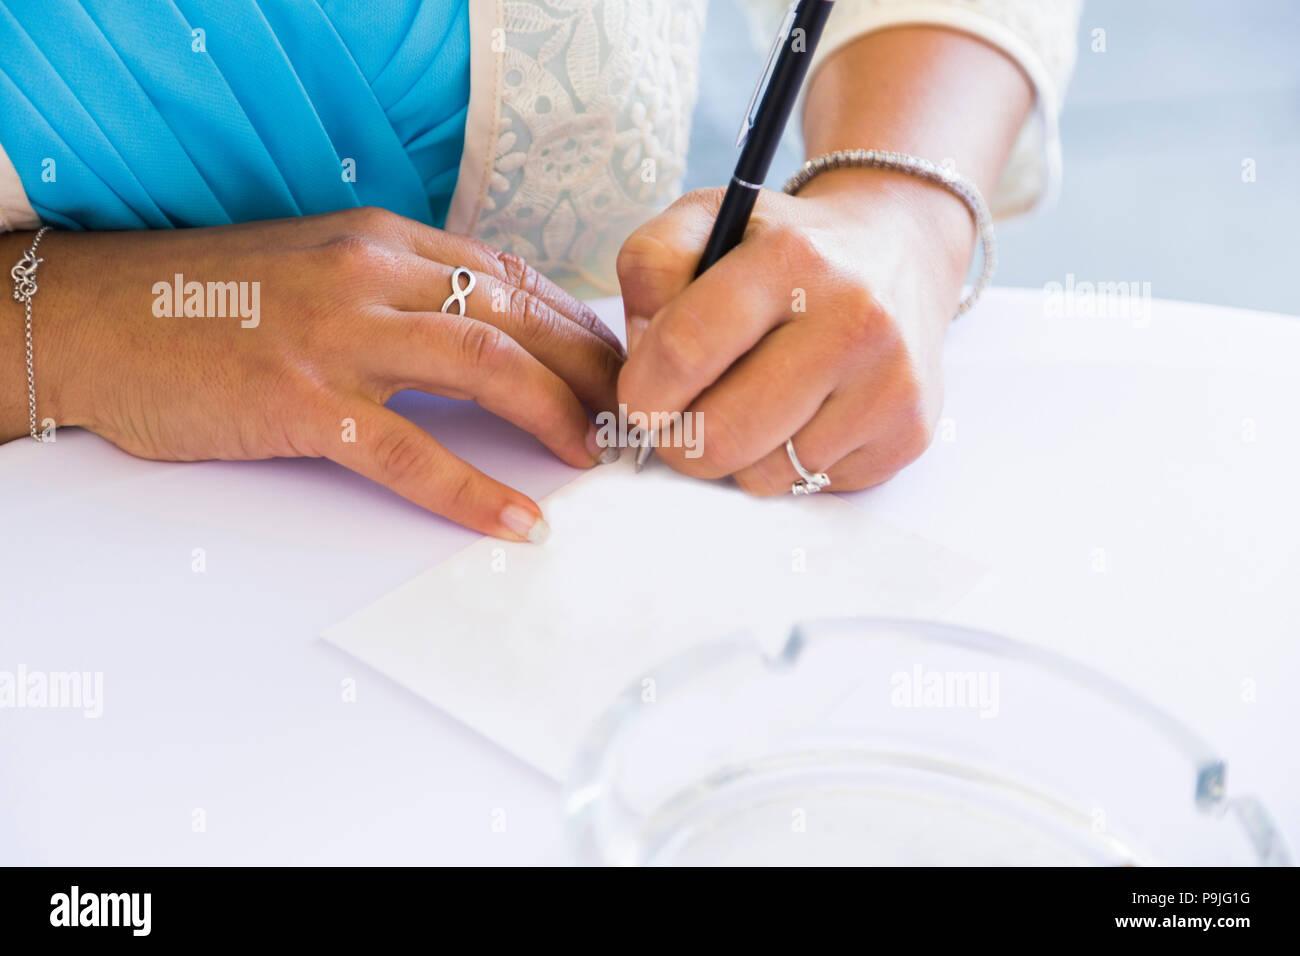 La cerimonia nuziale. Ragazza segni il certificato di matrimonio Immagini Stock